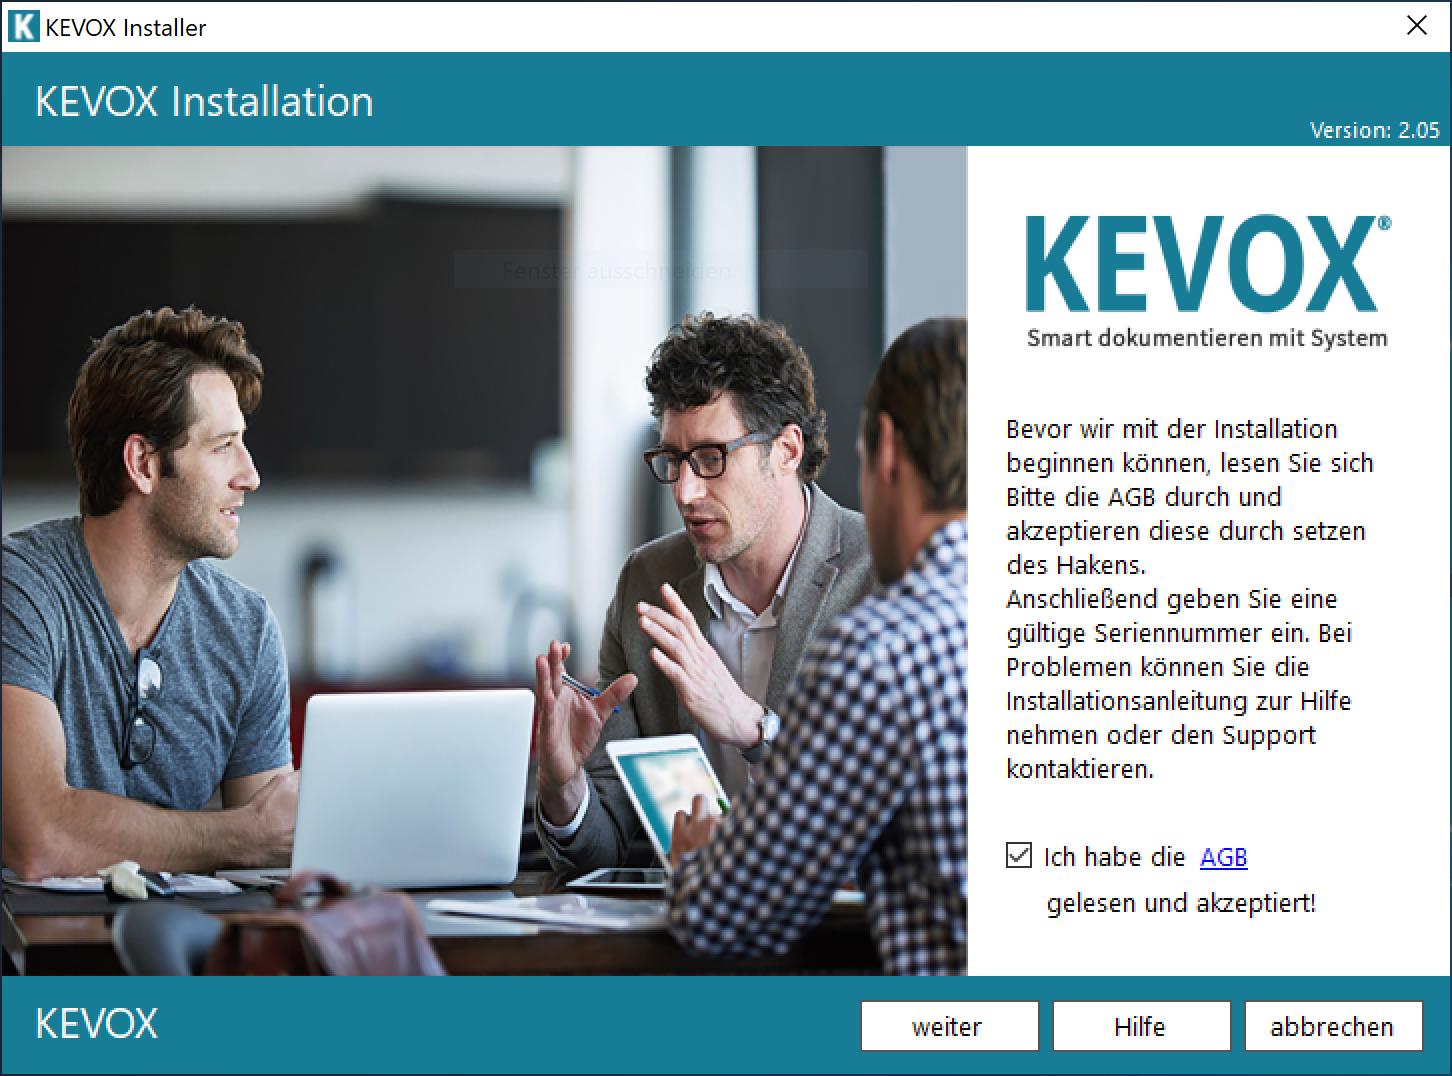 kevox-installieren-installation-start